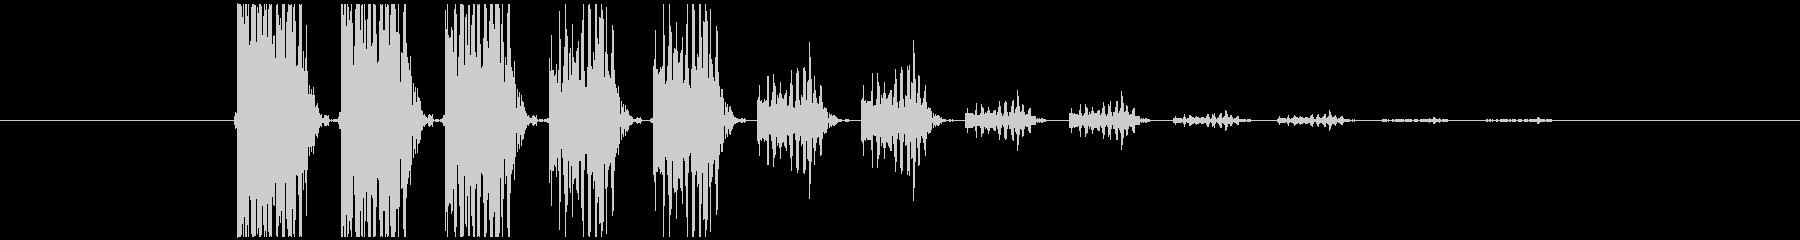 ジャジャジャ(ホラー・ゲーム)の未再生の波形